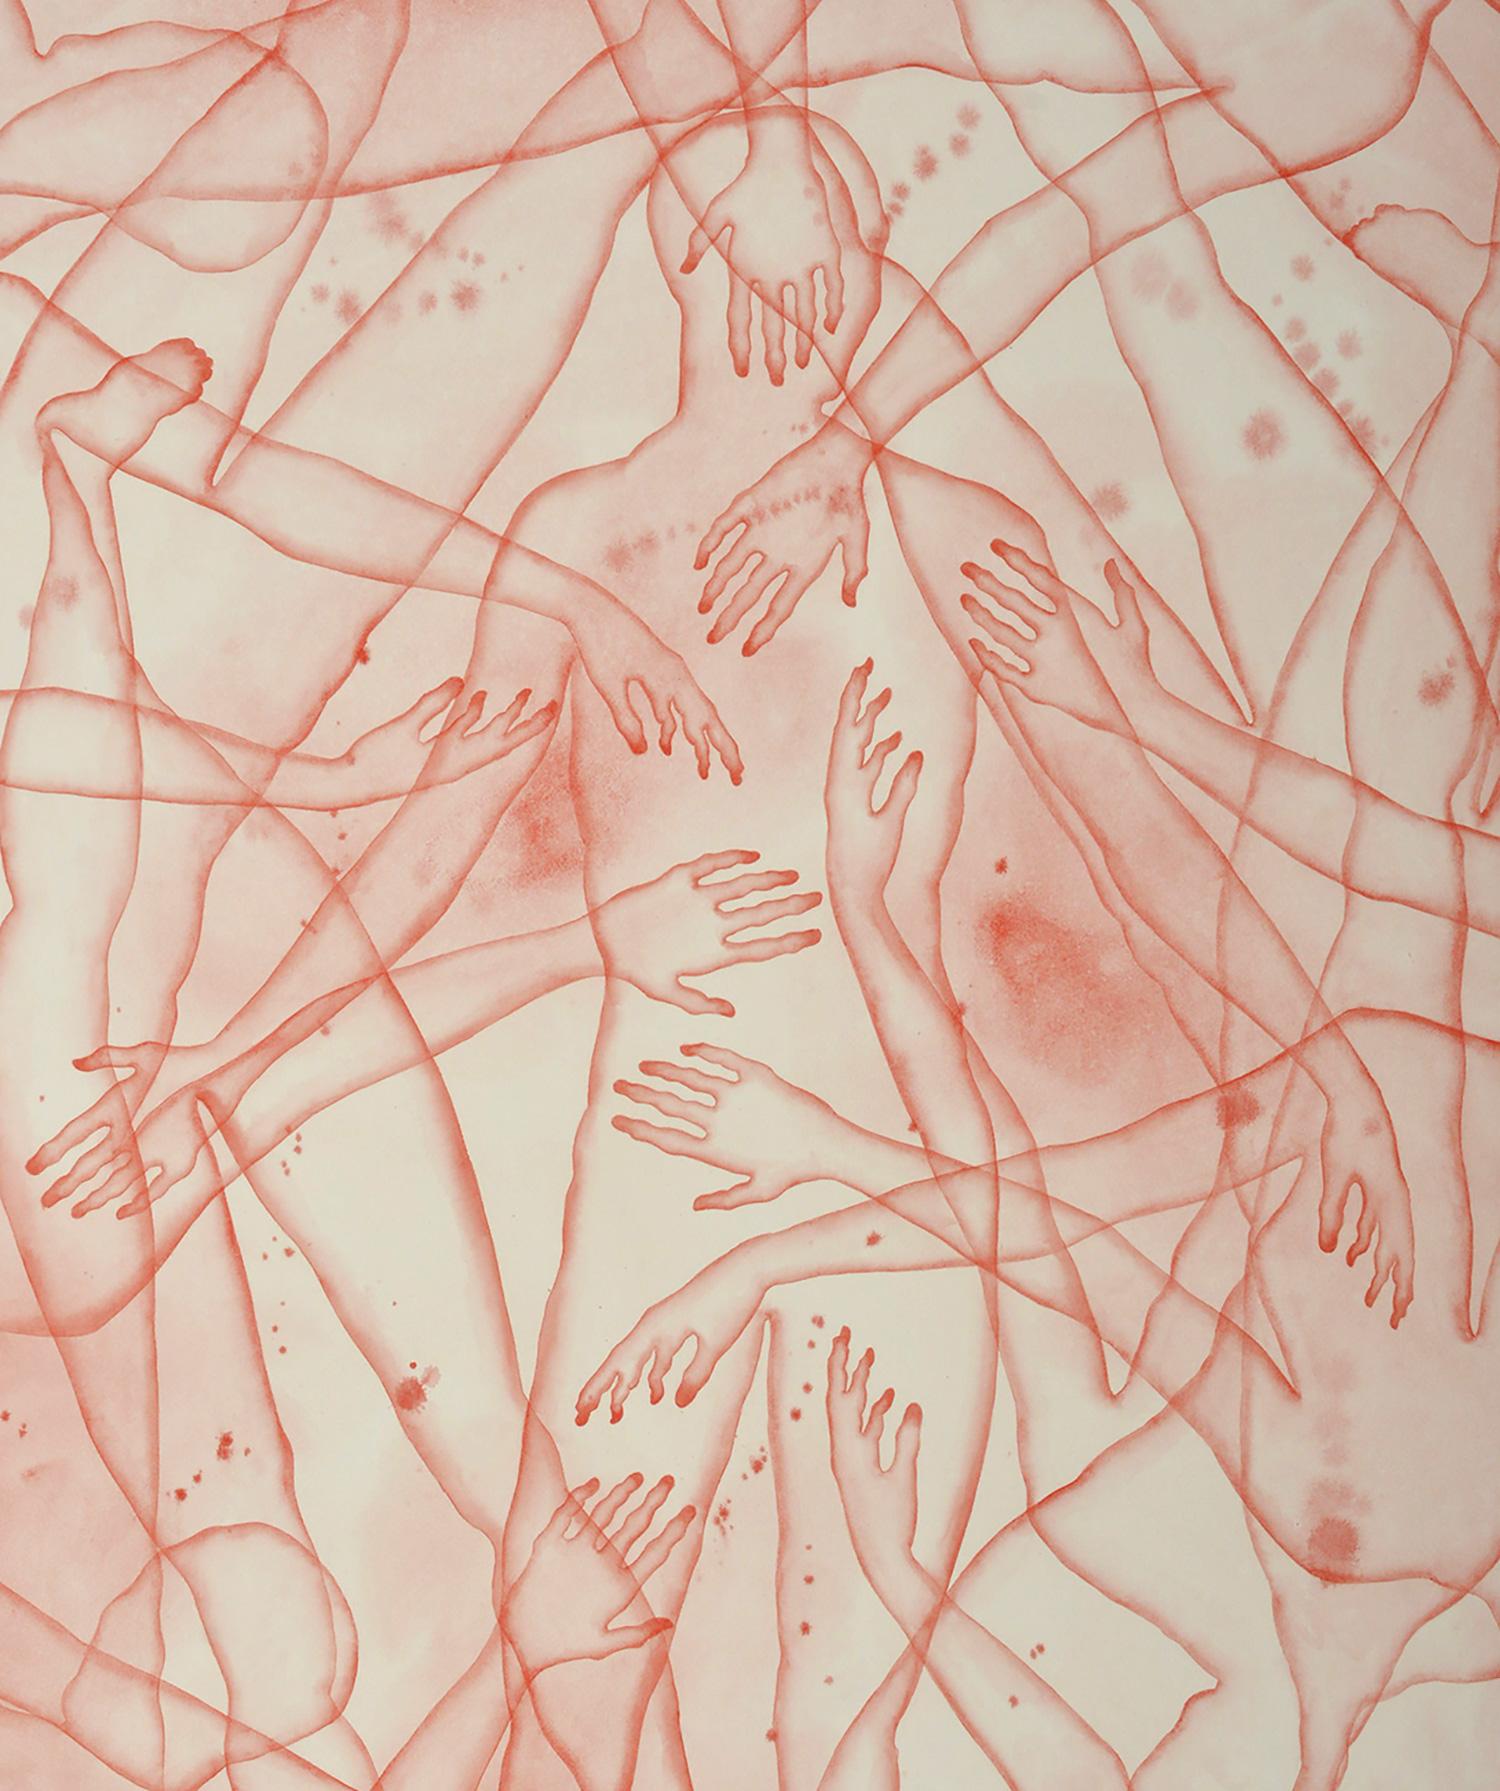 Stefano Bolzano, Co-esistenza sentimentale, acquerello su carta, 86x135 cm, 2020 (dettaglio).